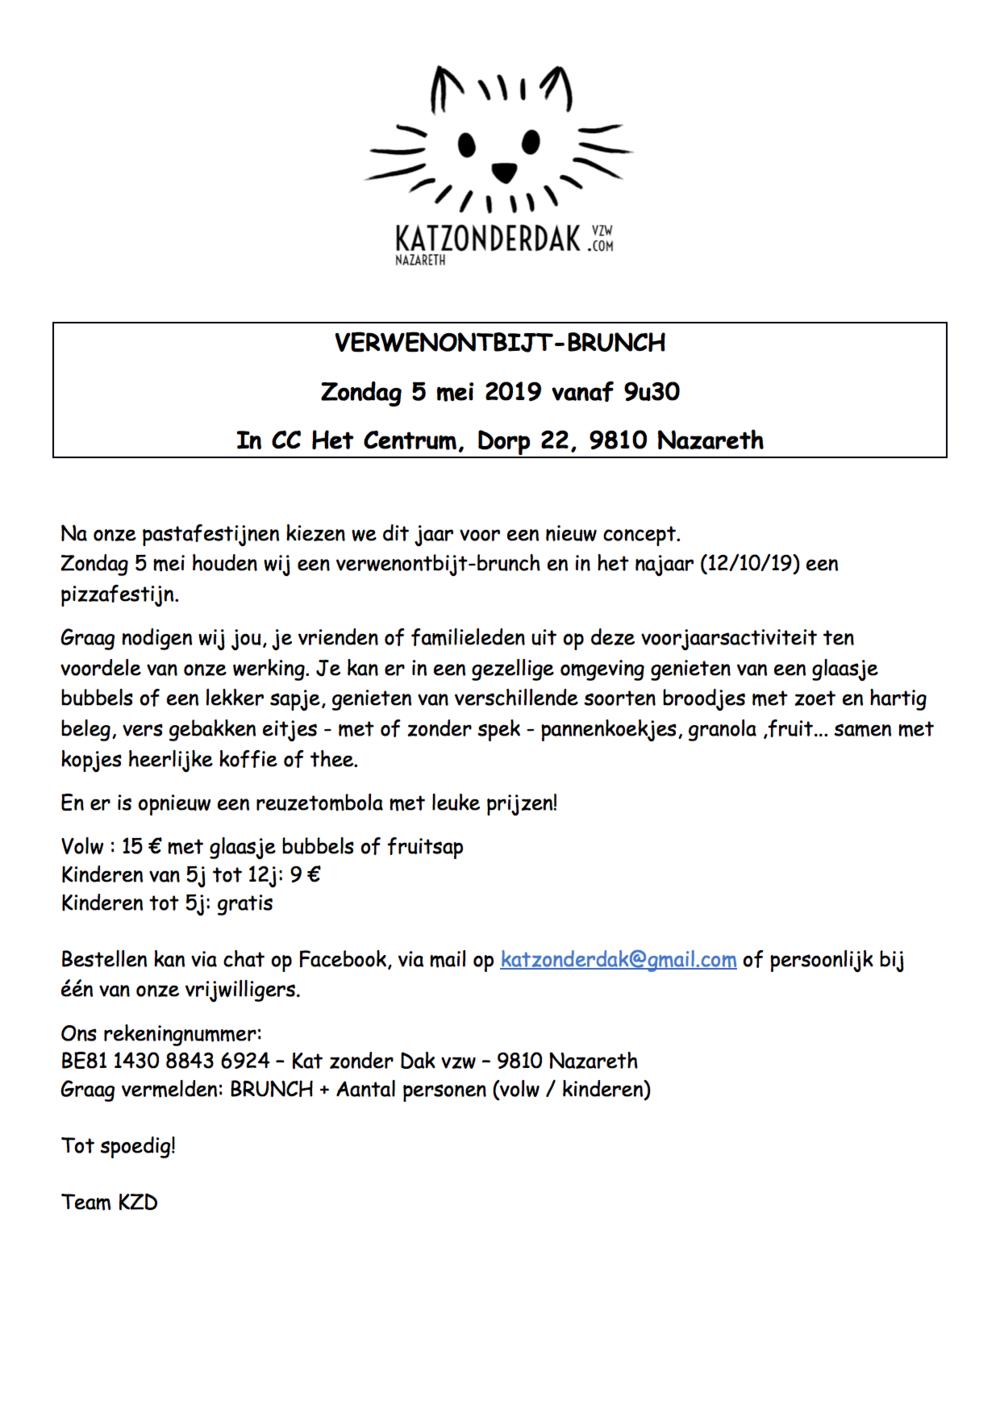 brunch uitnodiging 2019 .png